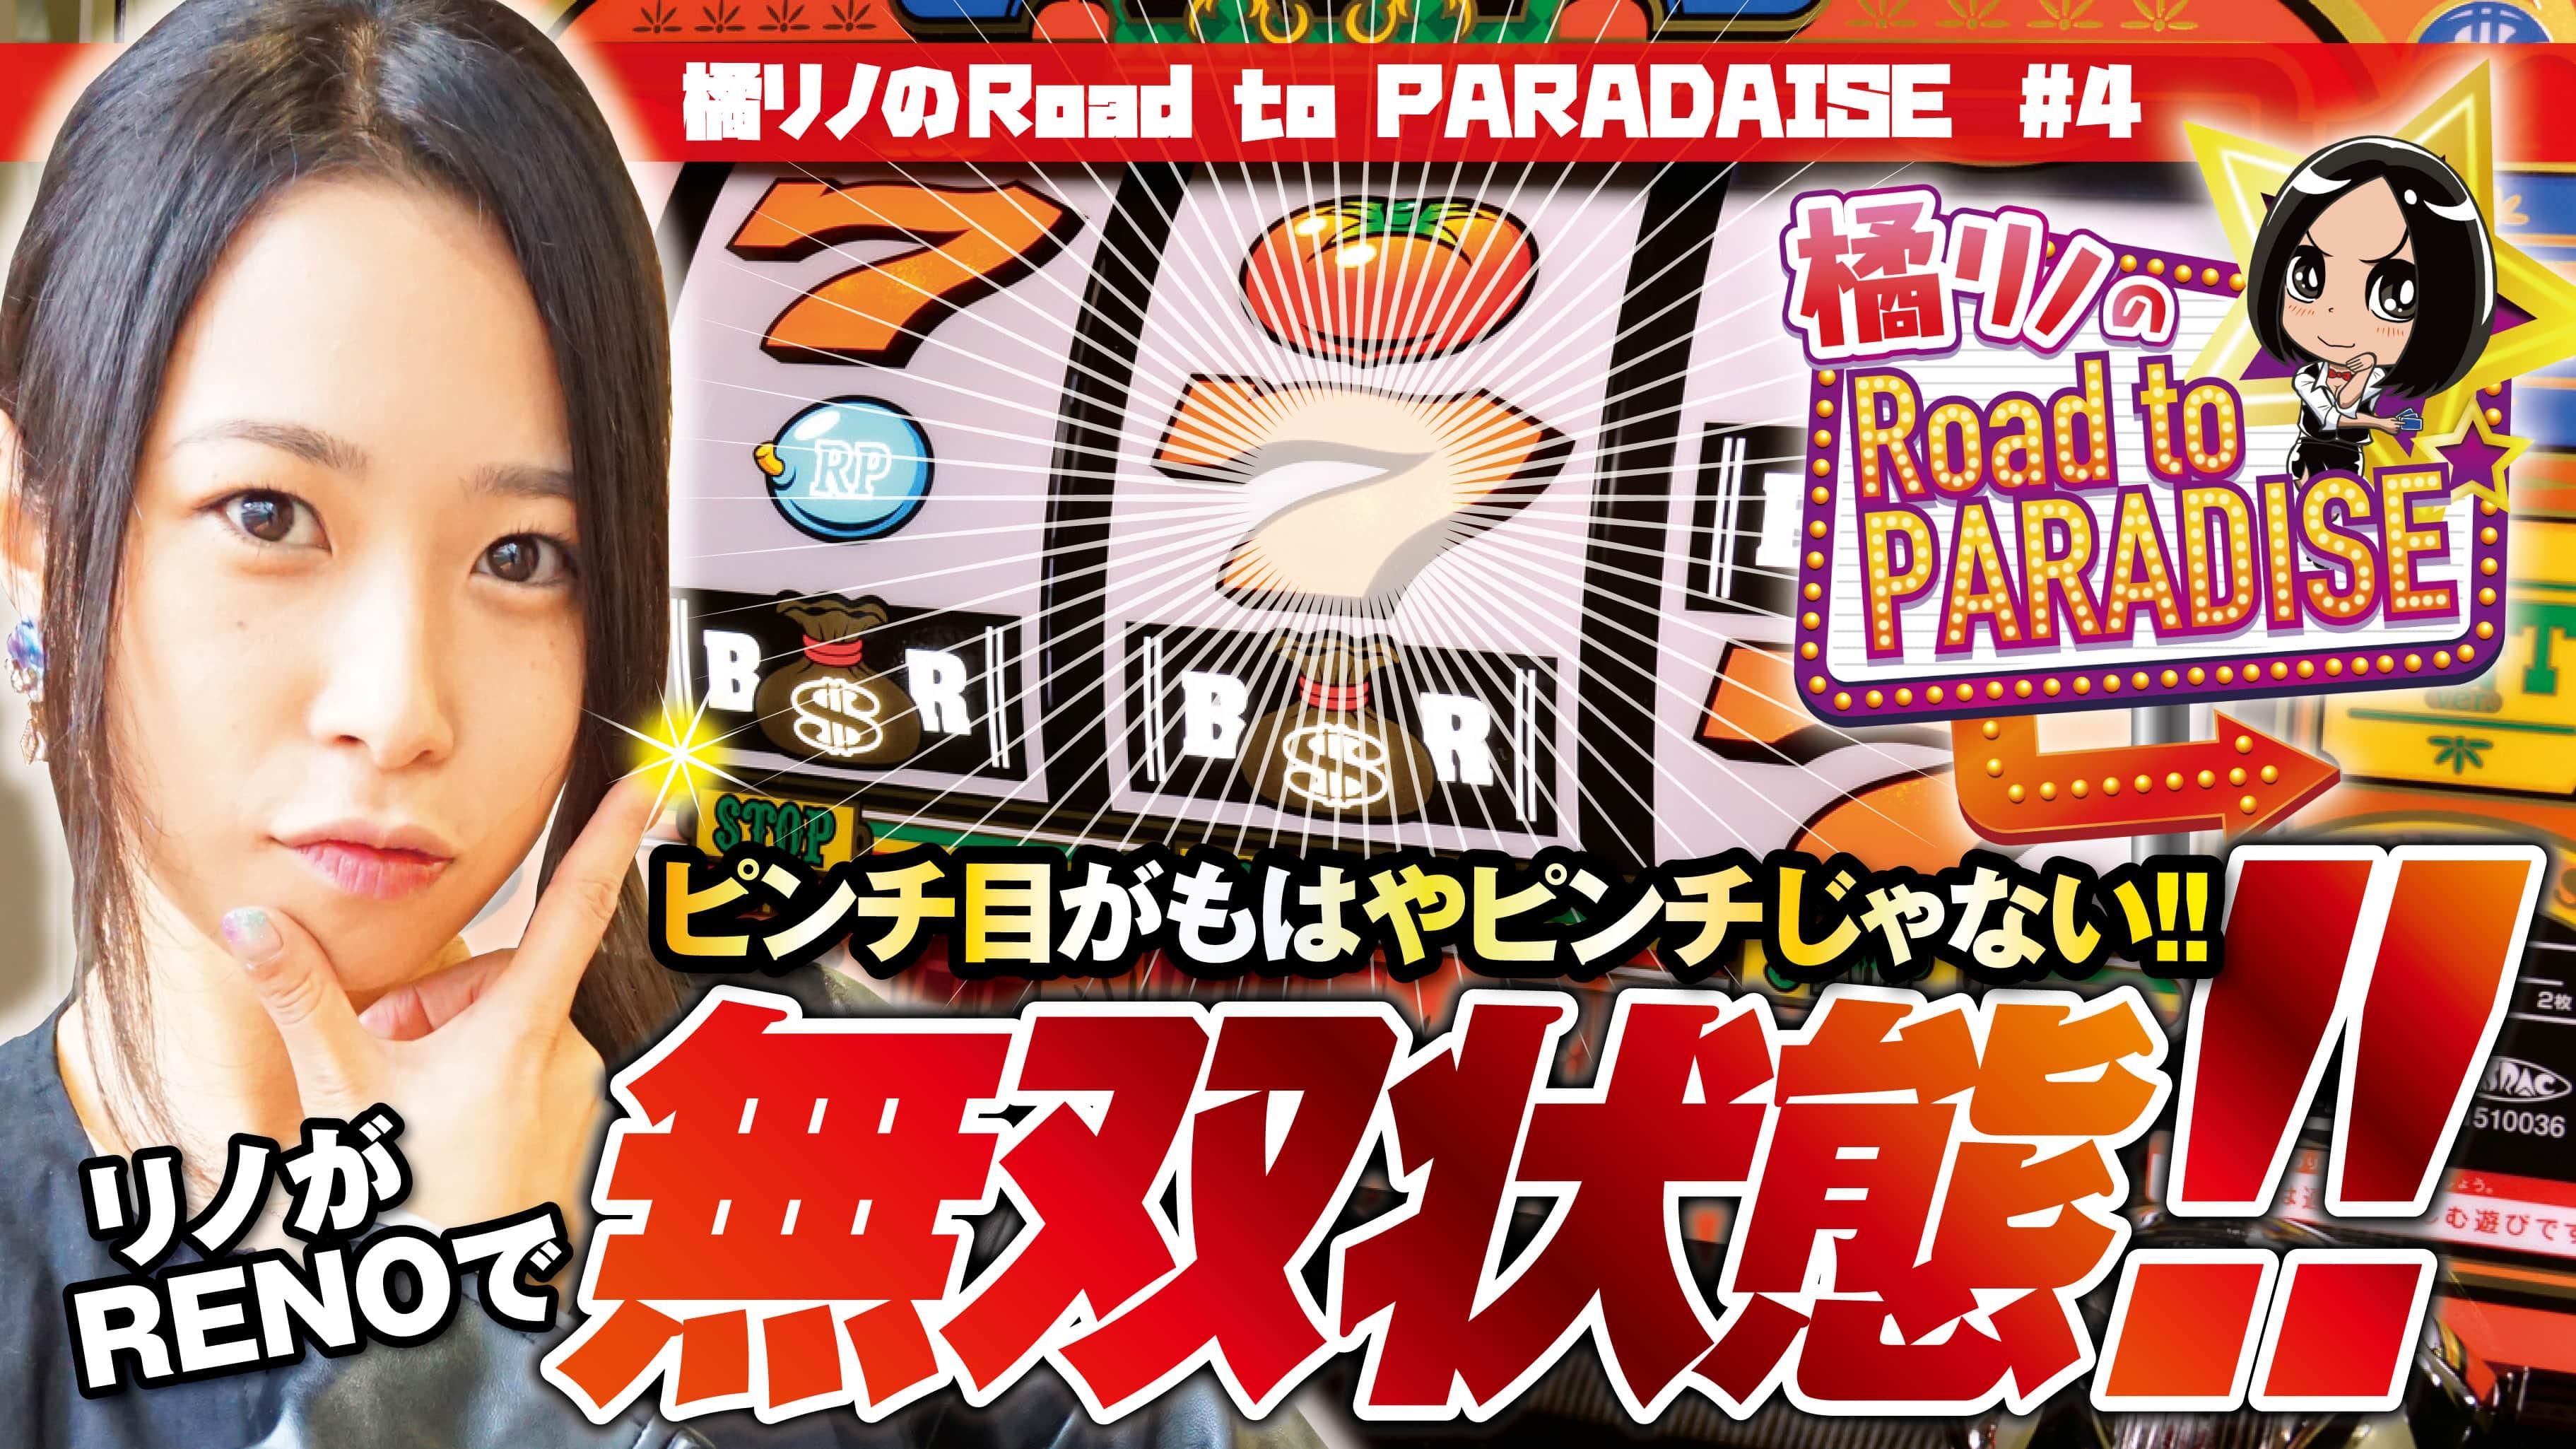 橘リノのRoad to PARADISE # 4/リノ、沖ドキ!、押忍!番長3